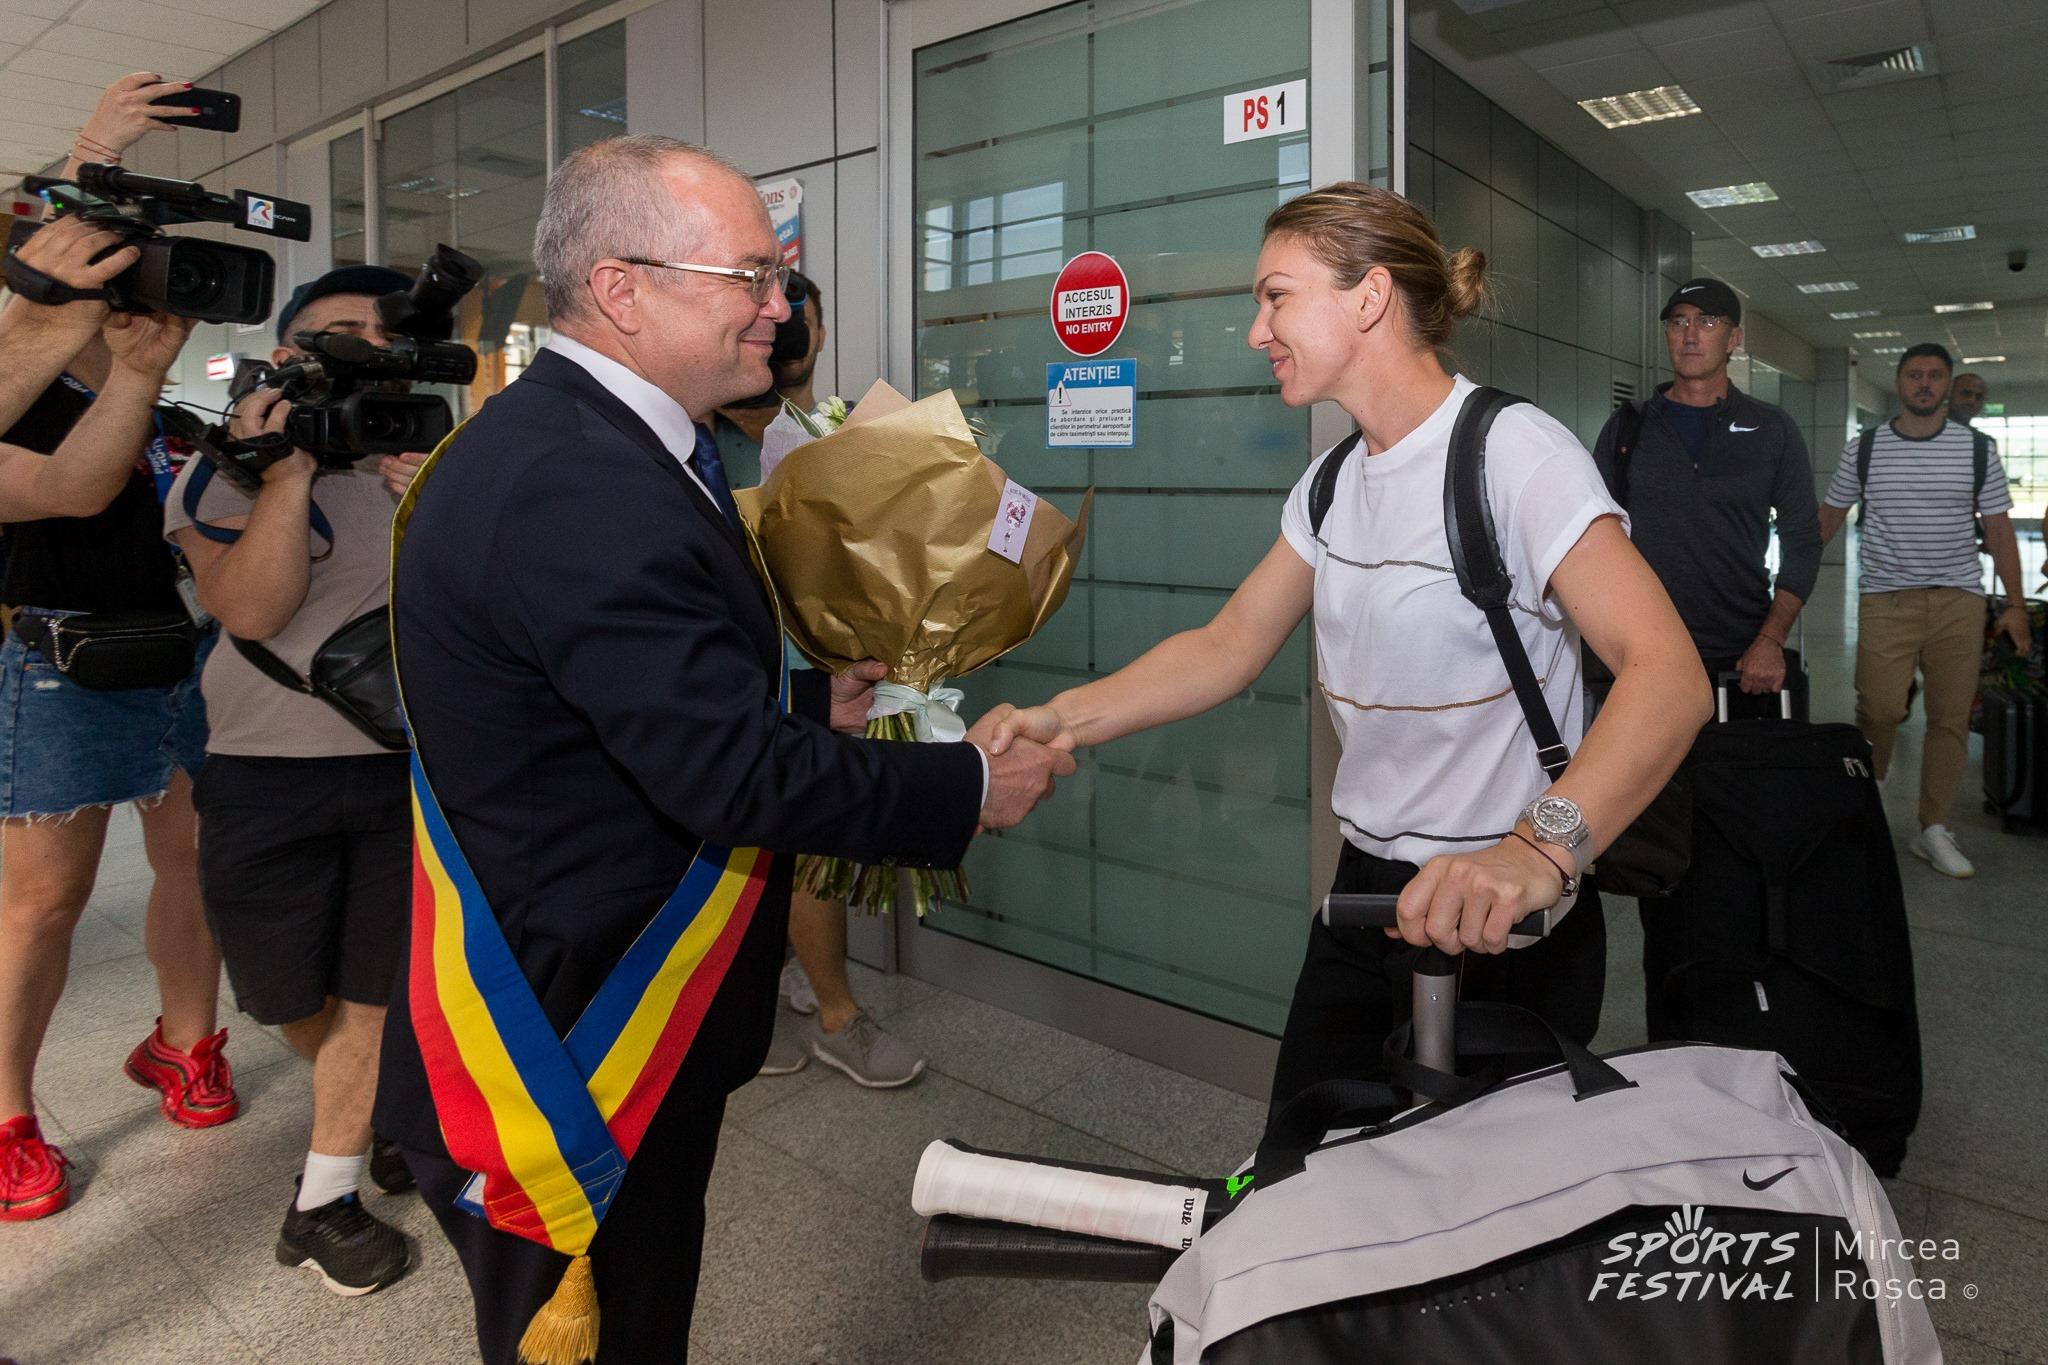 Simona Halep a plecat la Cluj alături de Darren Cahill într-un avion low-cost! A fost primită cu flori în Ardeal (SURSA: Sports Festival, Mircea Roșca)